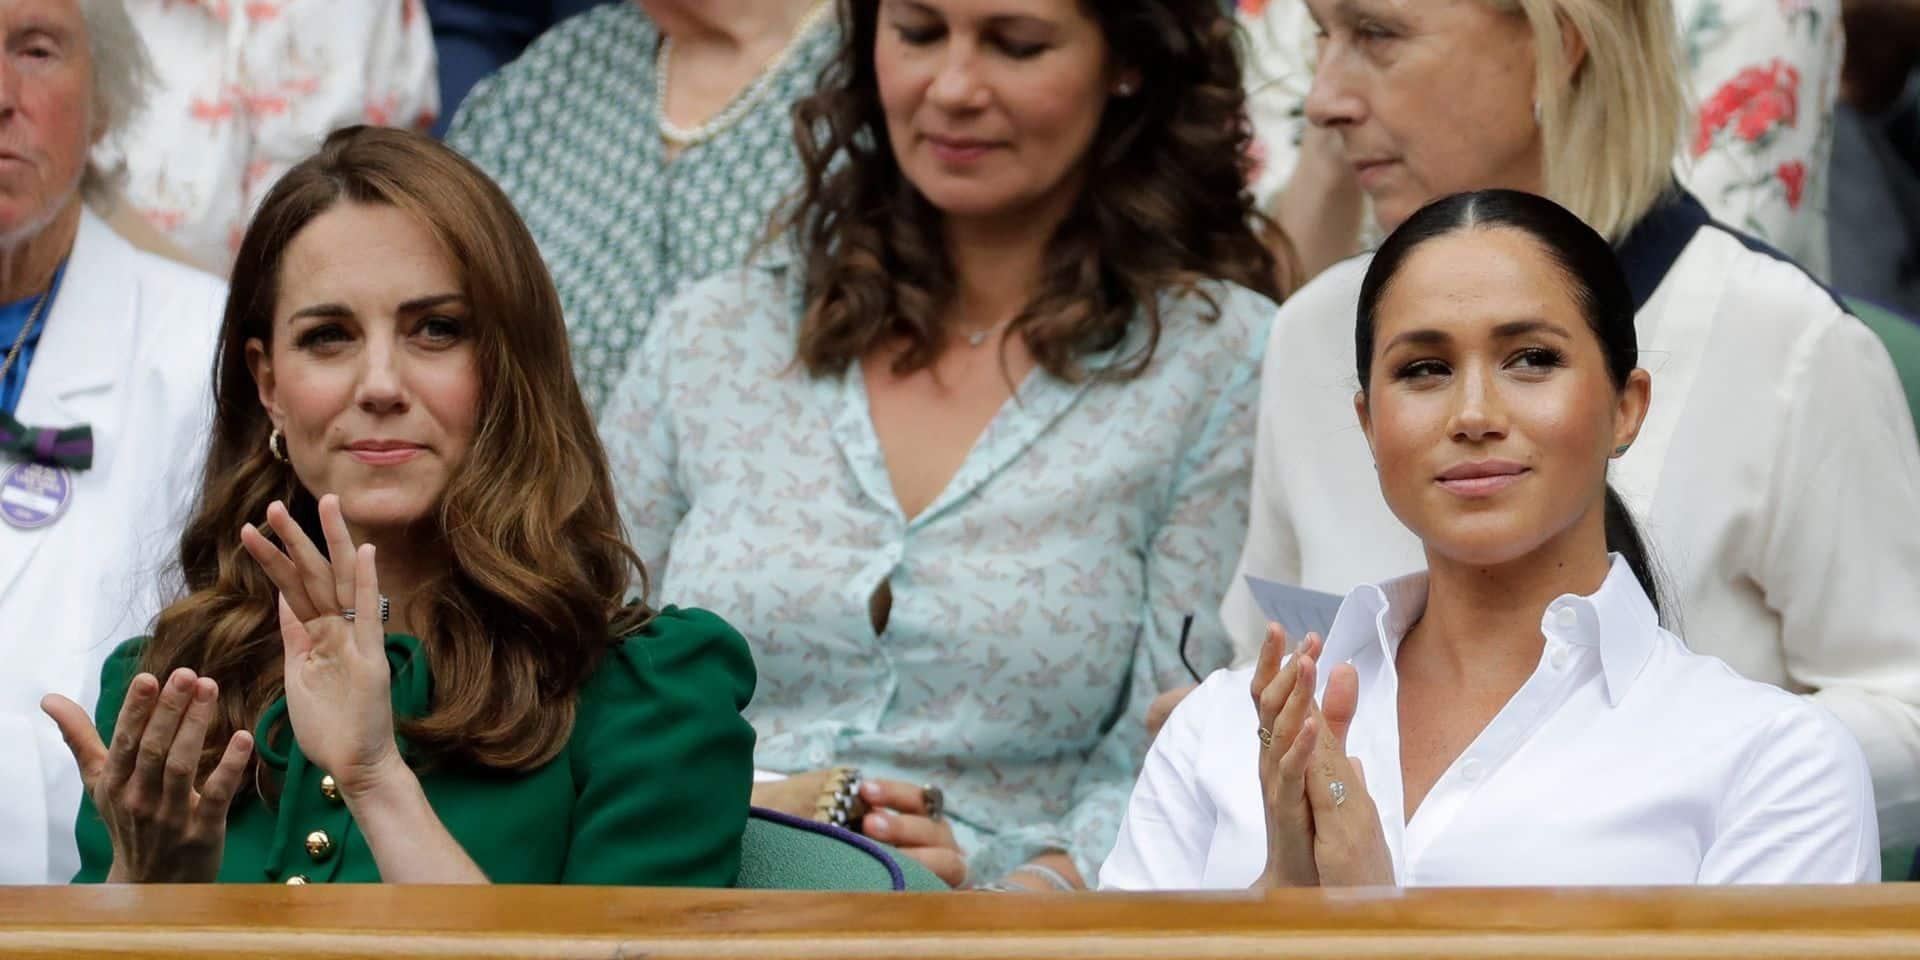 """""""Ça pue ici"""": l'aberrante anecdote qui oppose Meghan Markle et Kate Middleton"""